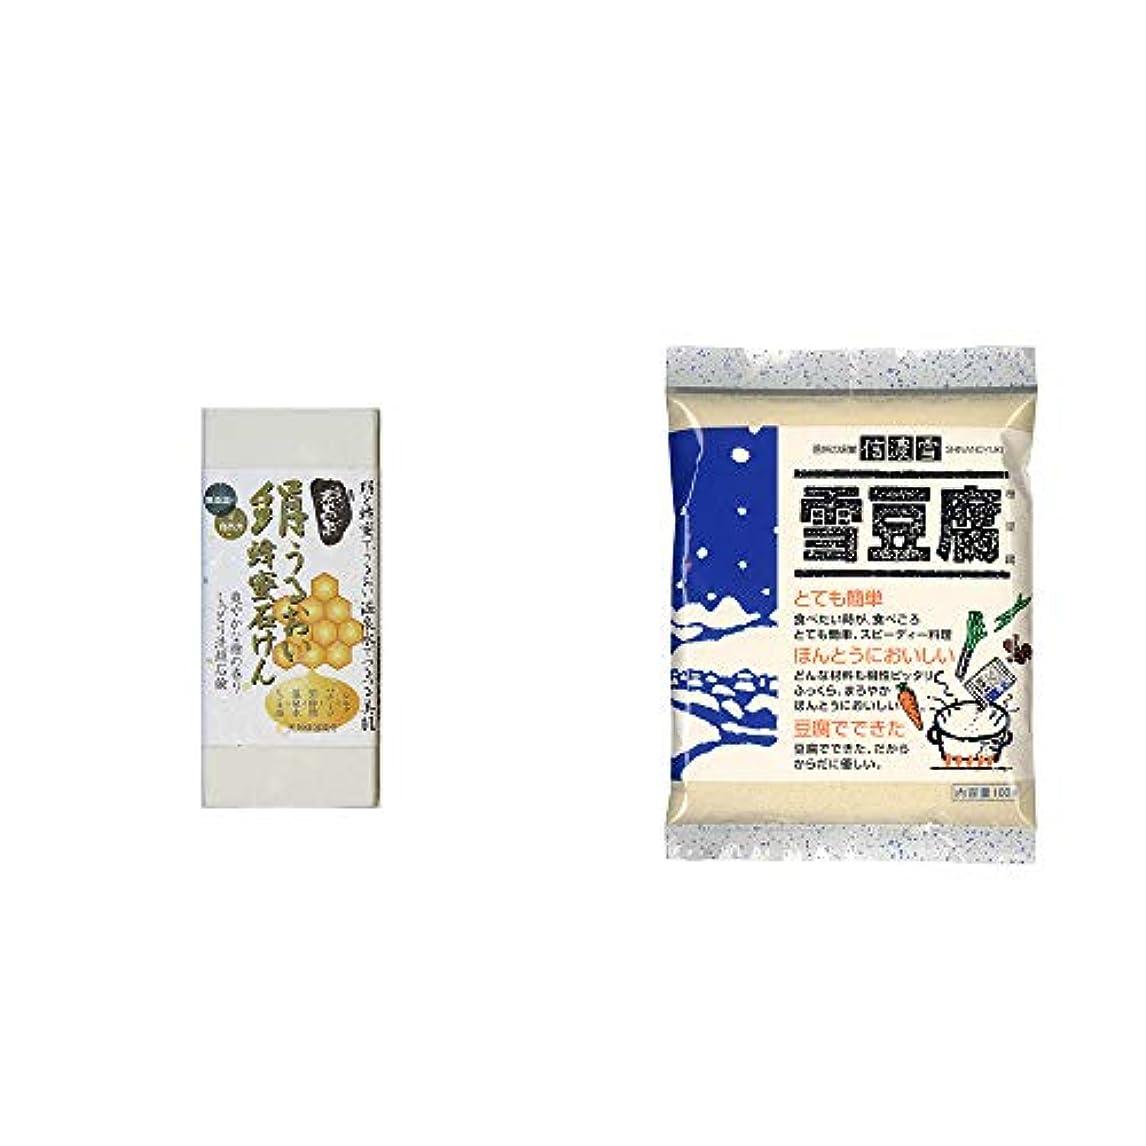 競う想像する因子[2点セット] ひのき炭黒泉 絹うるおい蜂蜜石けん(75g×2)?信濃雪 雪豆腐(粉豆腐)(100g)